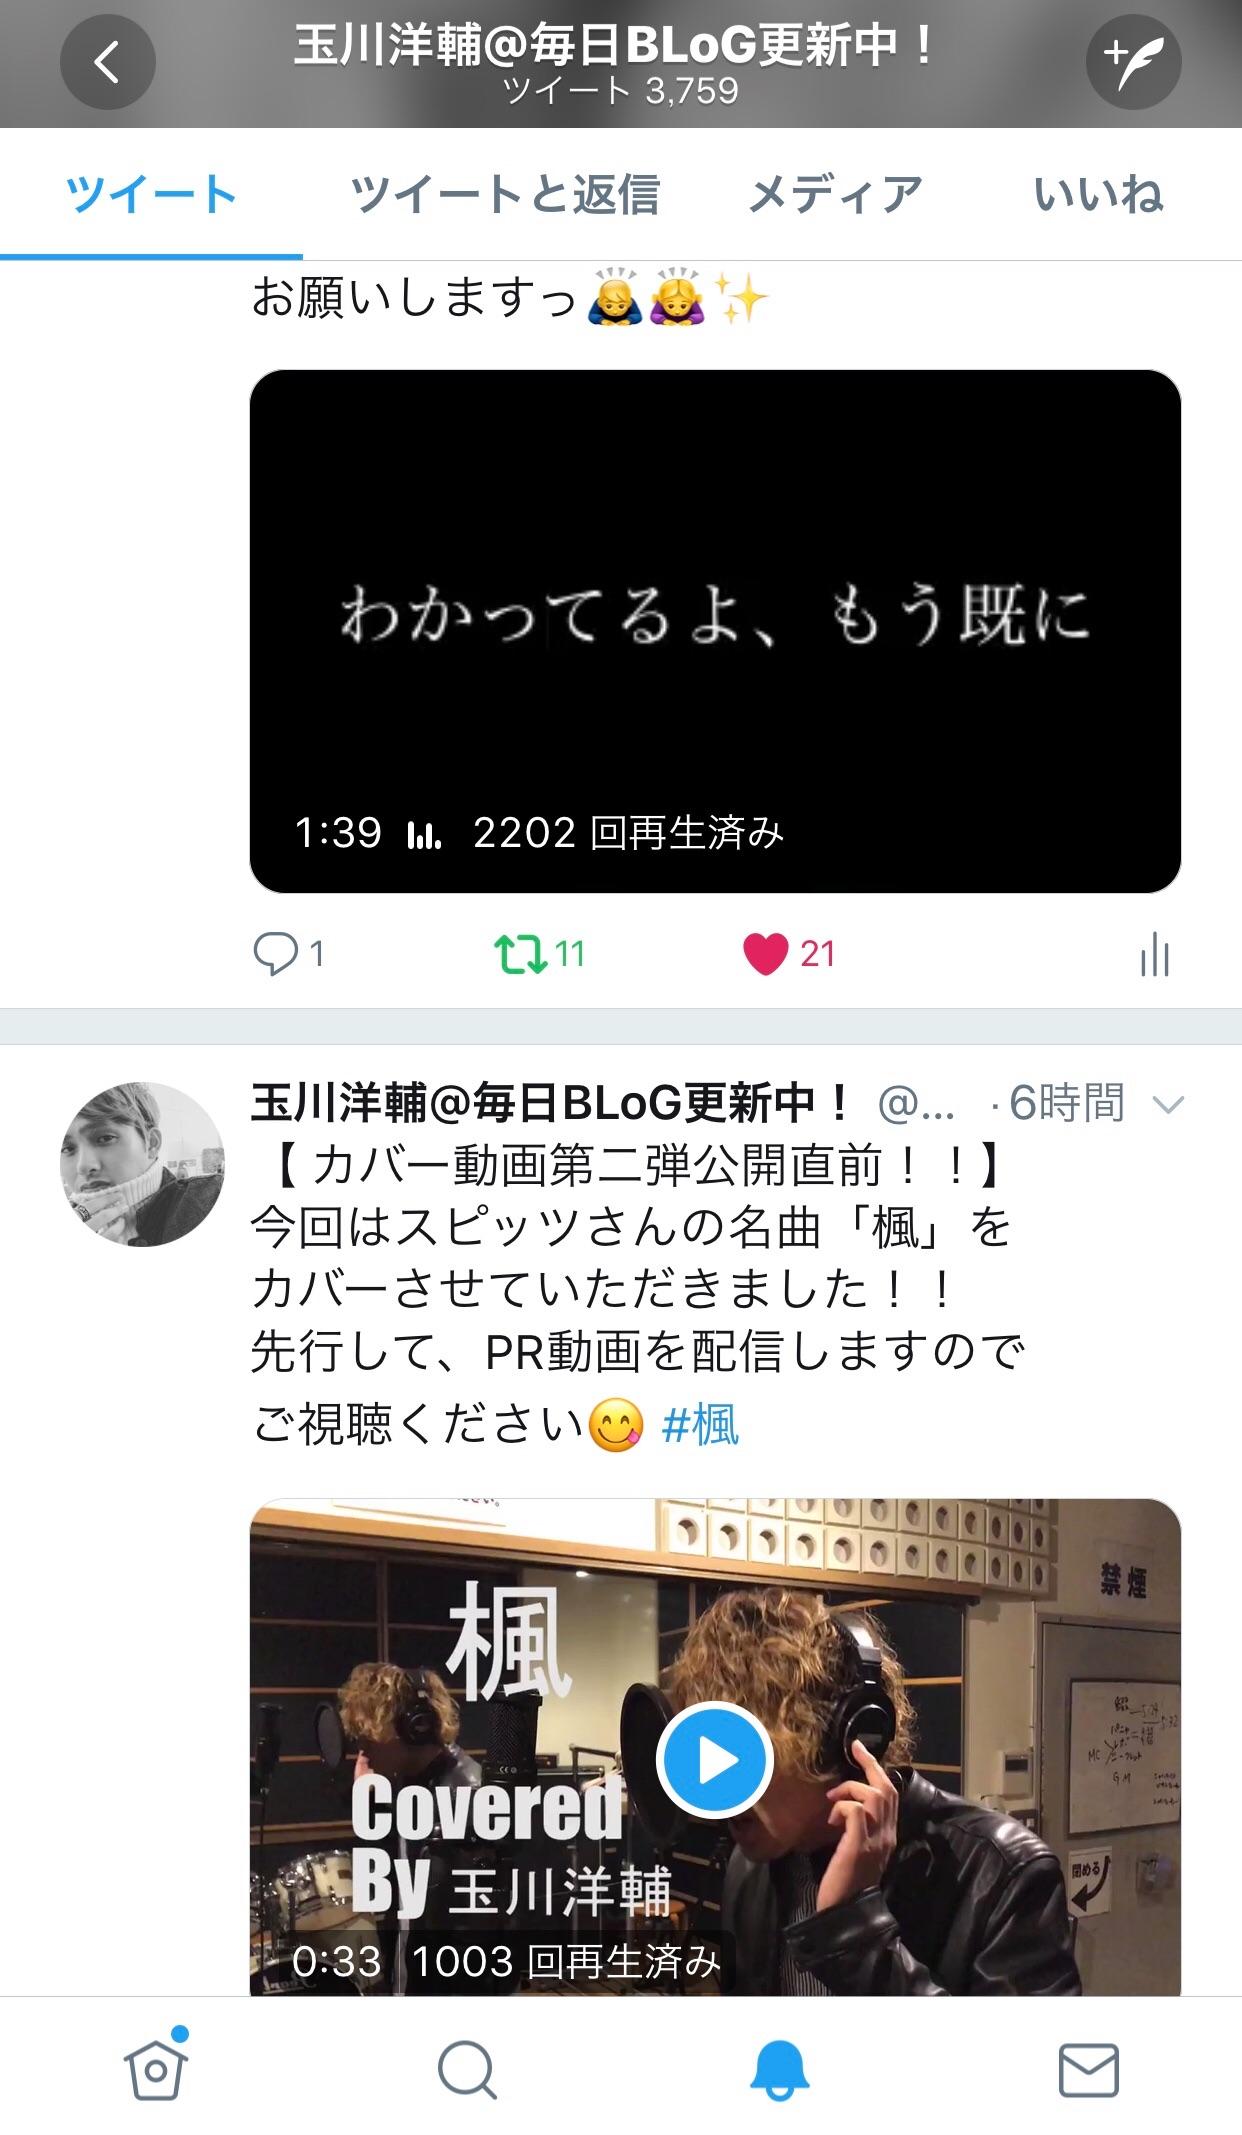 f:id:Yosuke0912:20180320192529j:image